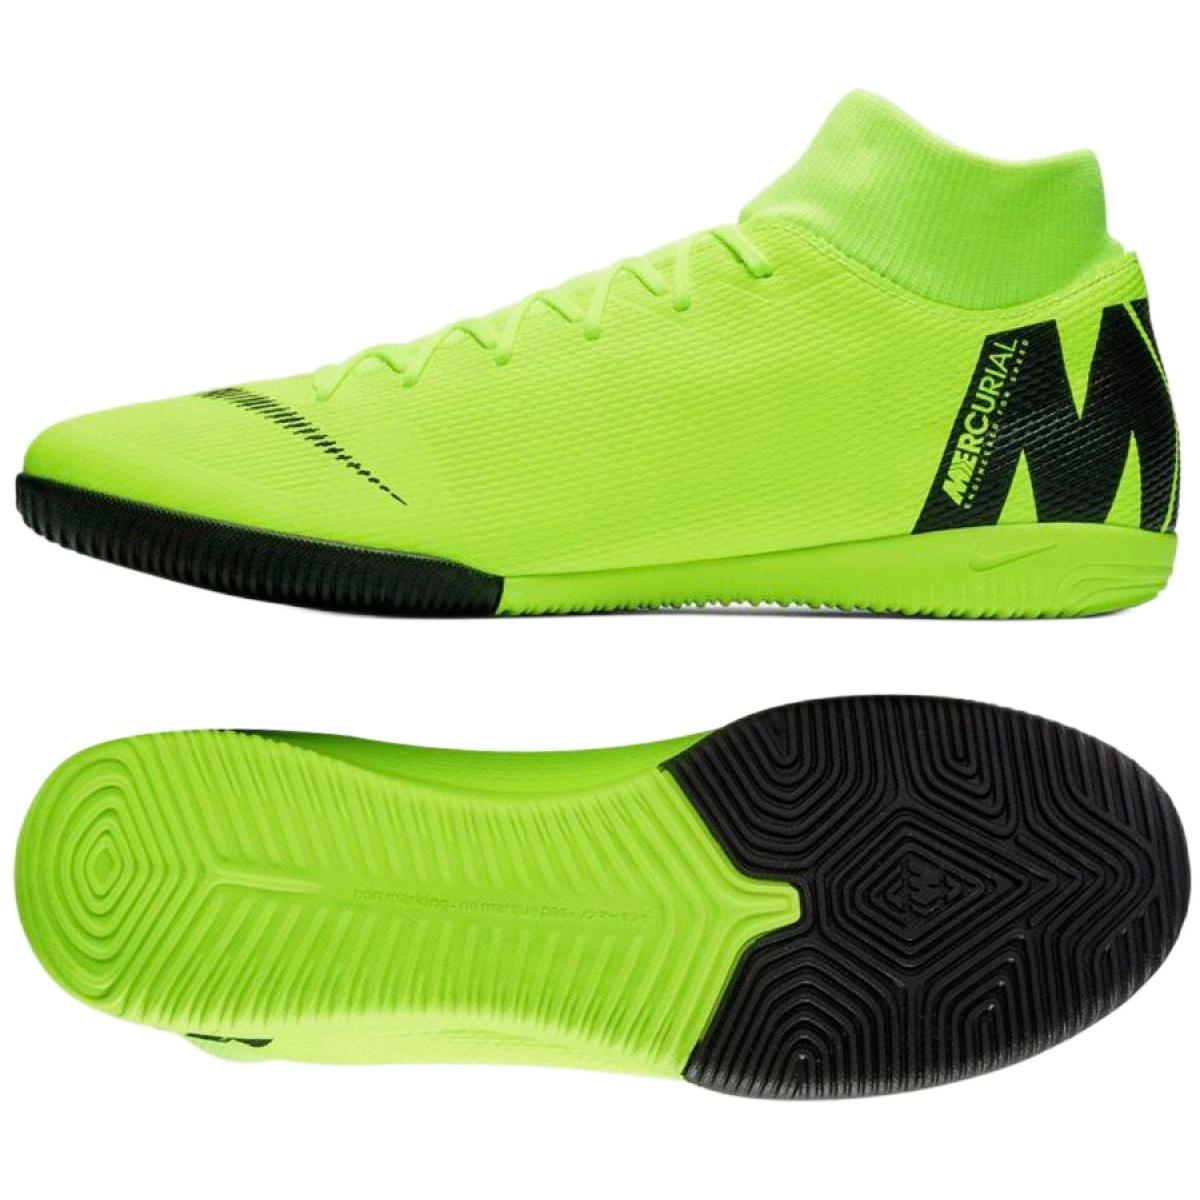 22edc6df Indendørs sko Nike Merurial Superflyx 6 Academy Ic M AH7369-701 billede 2